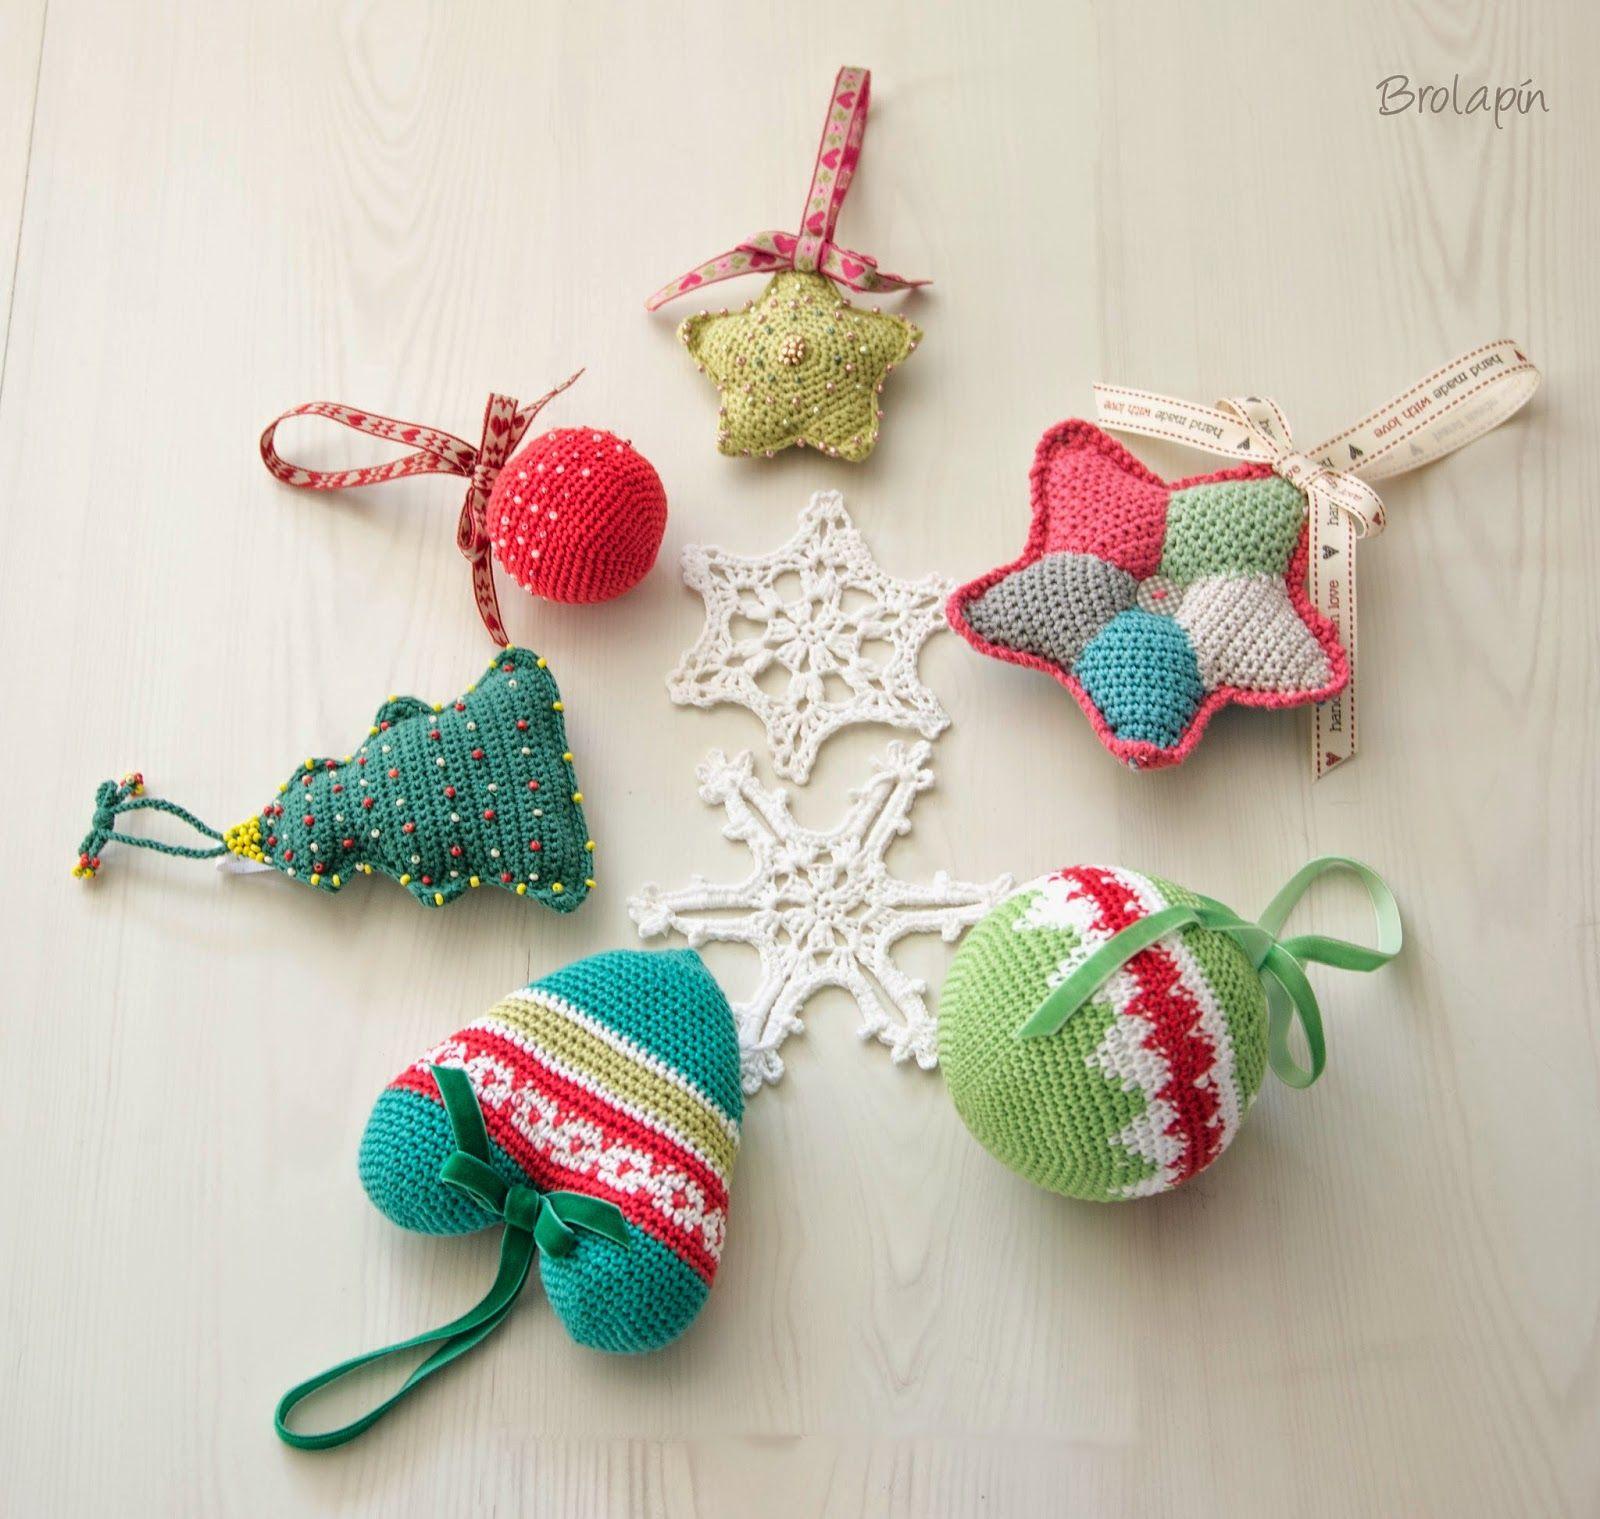 Adornos navidad 1 parte brolapin el blog de las ilustraciones fotograf as labores y las Adornos navidenos a crochet